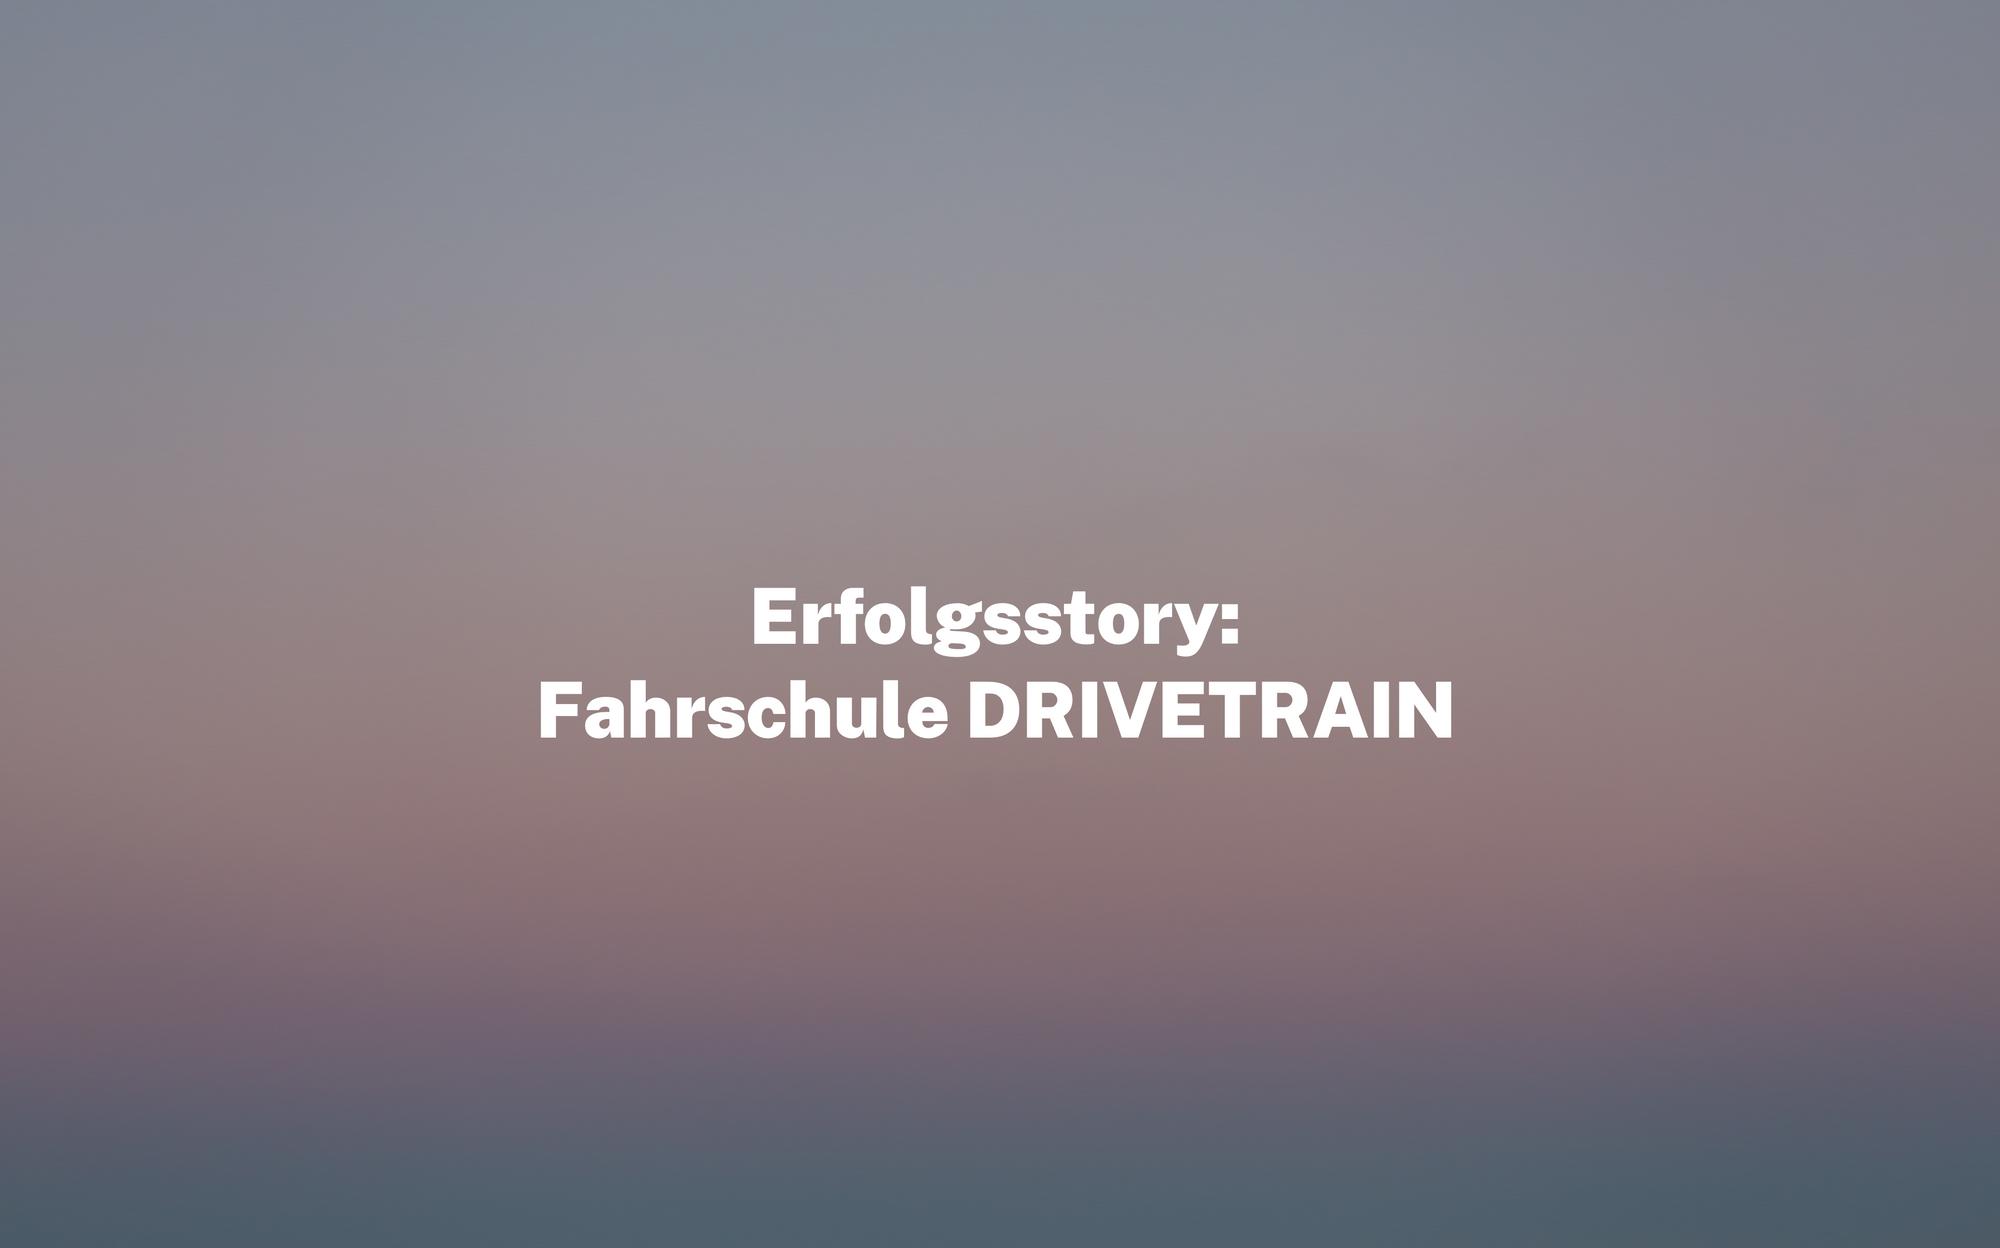 Erfolgsstory: Fahrschule DRIVETRAIN